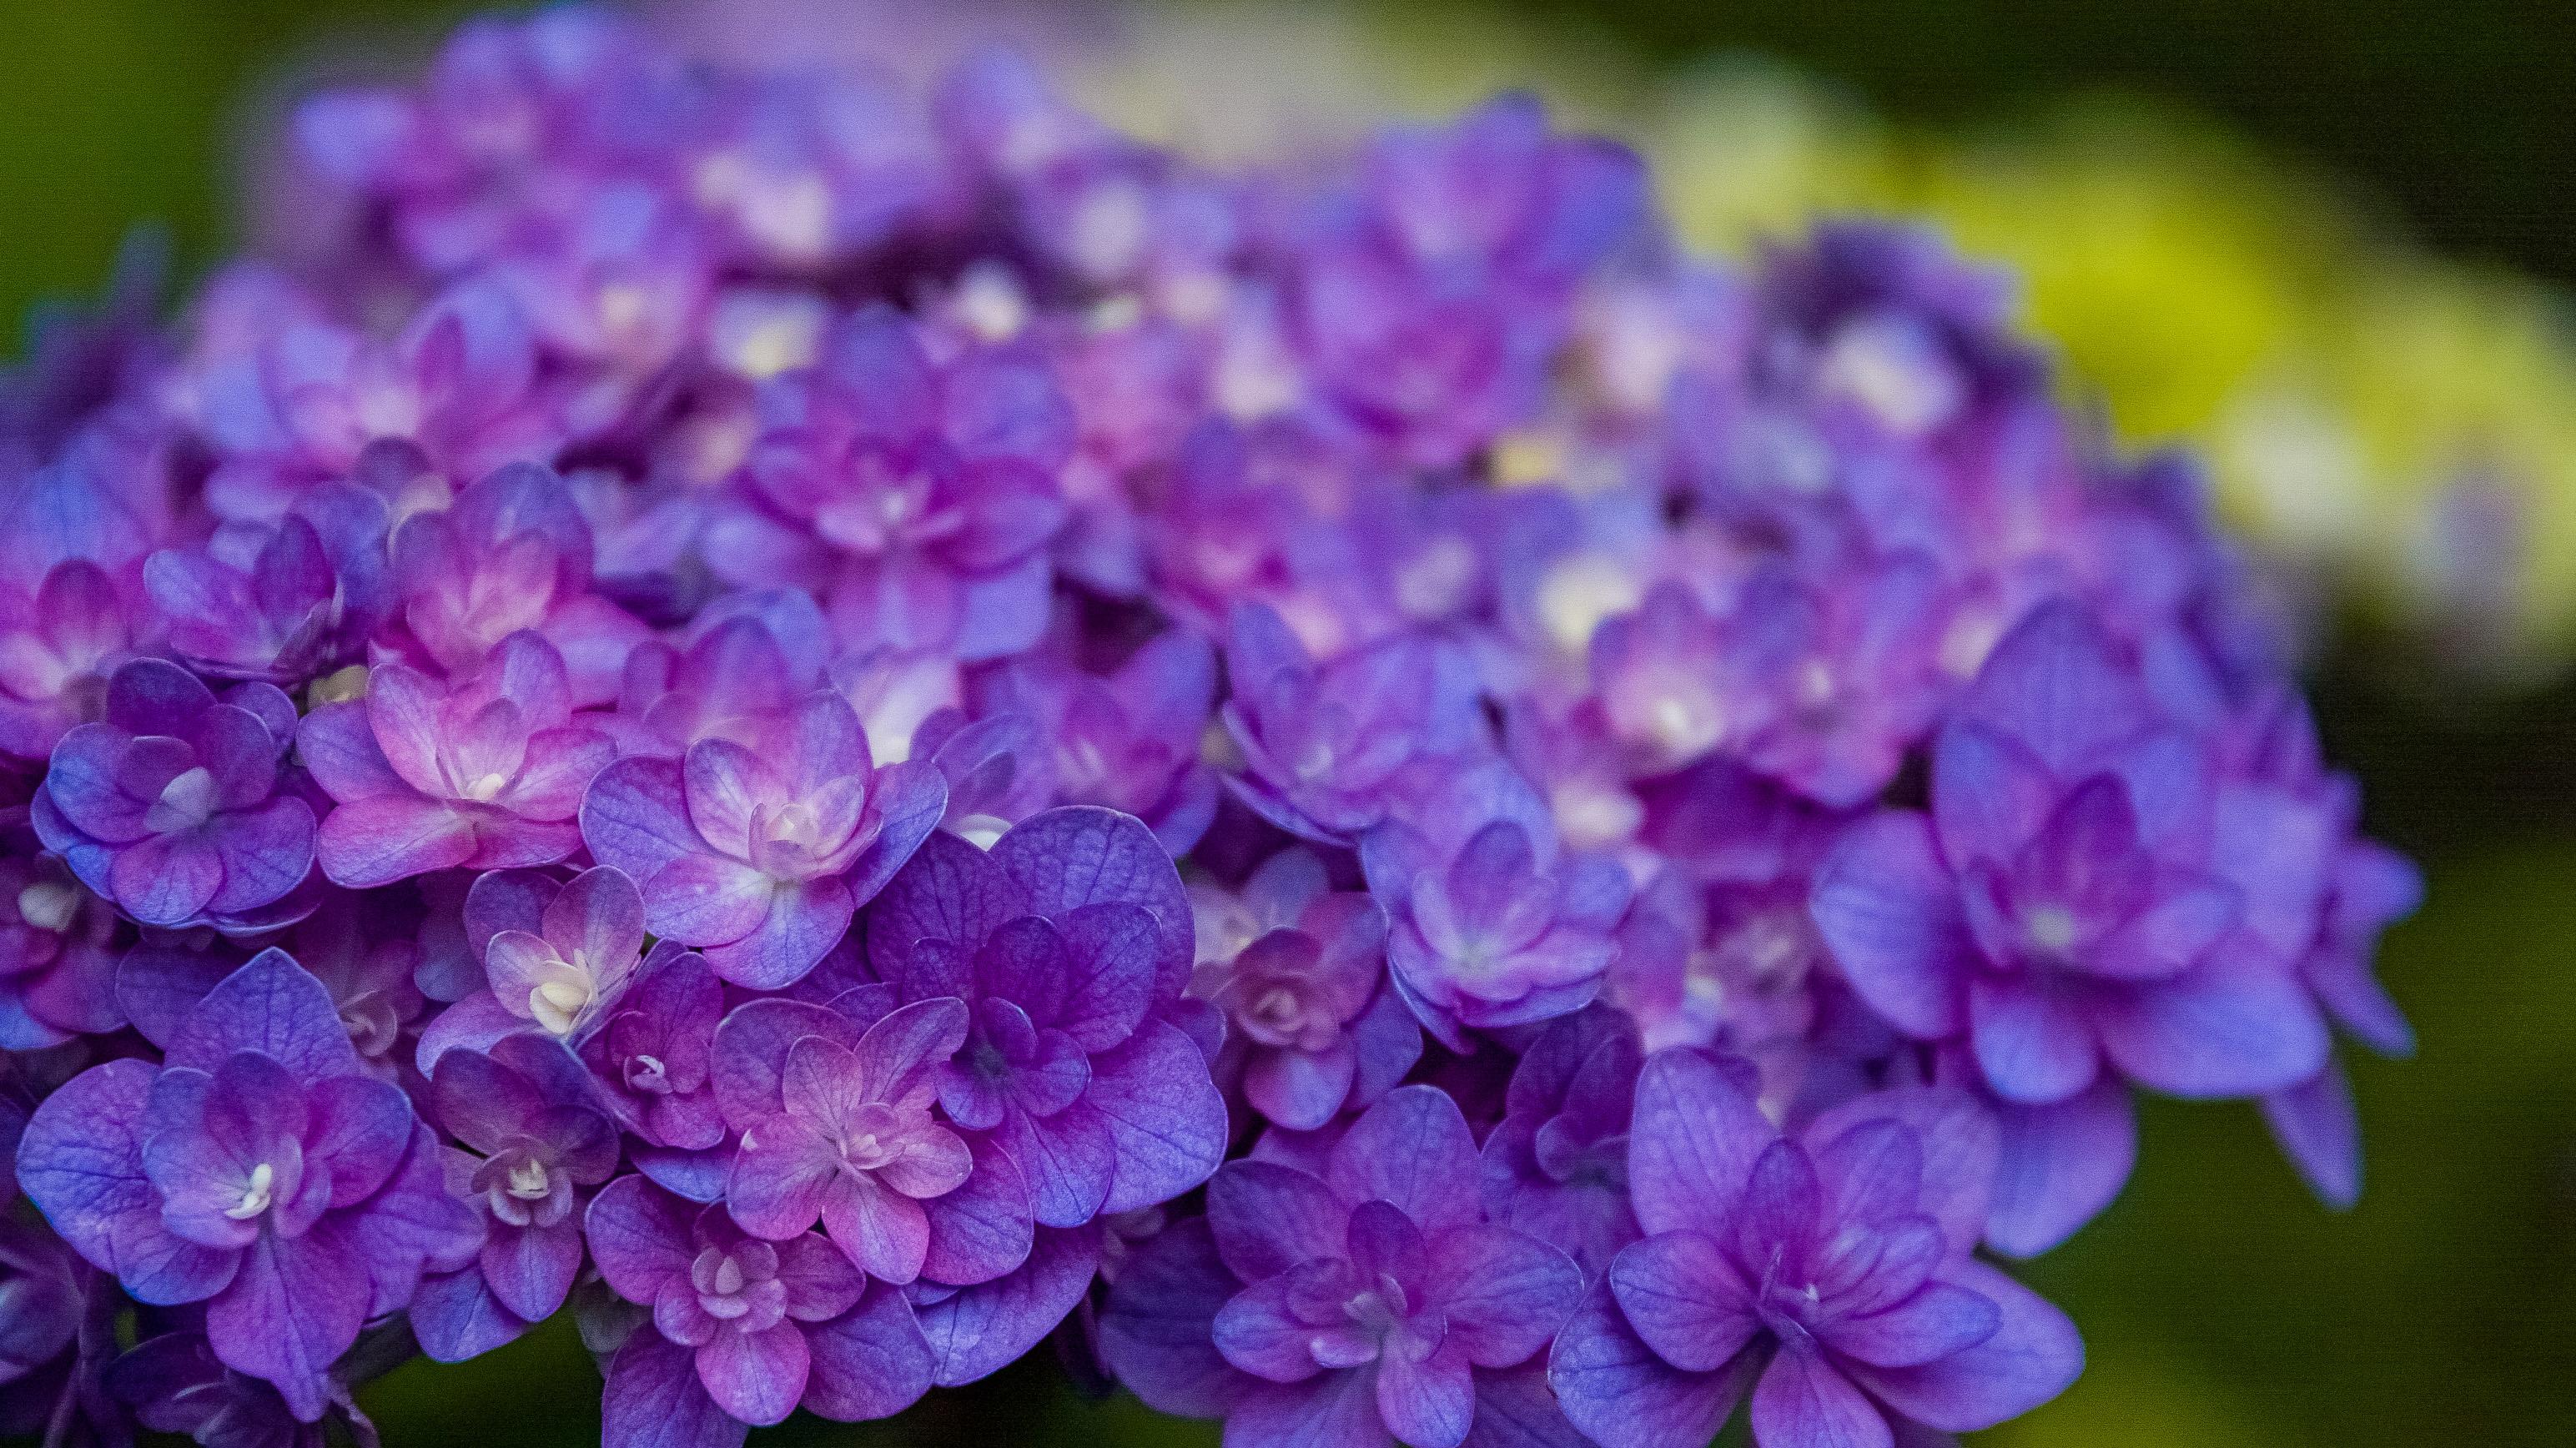 吹越 広彬, Fukikoshi Hiroaki, champs des lilas, シャンデリラ,三沢市,松園町,美容室,